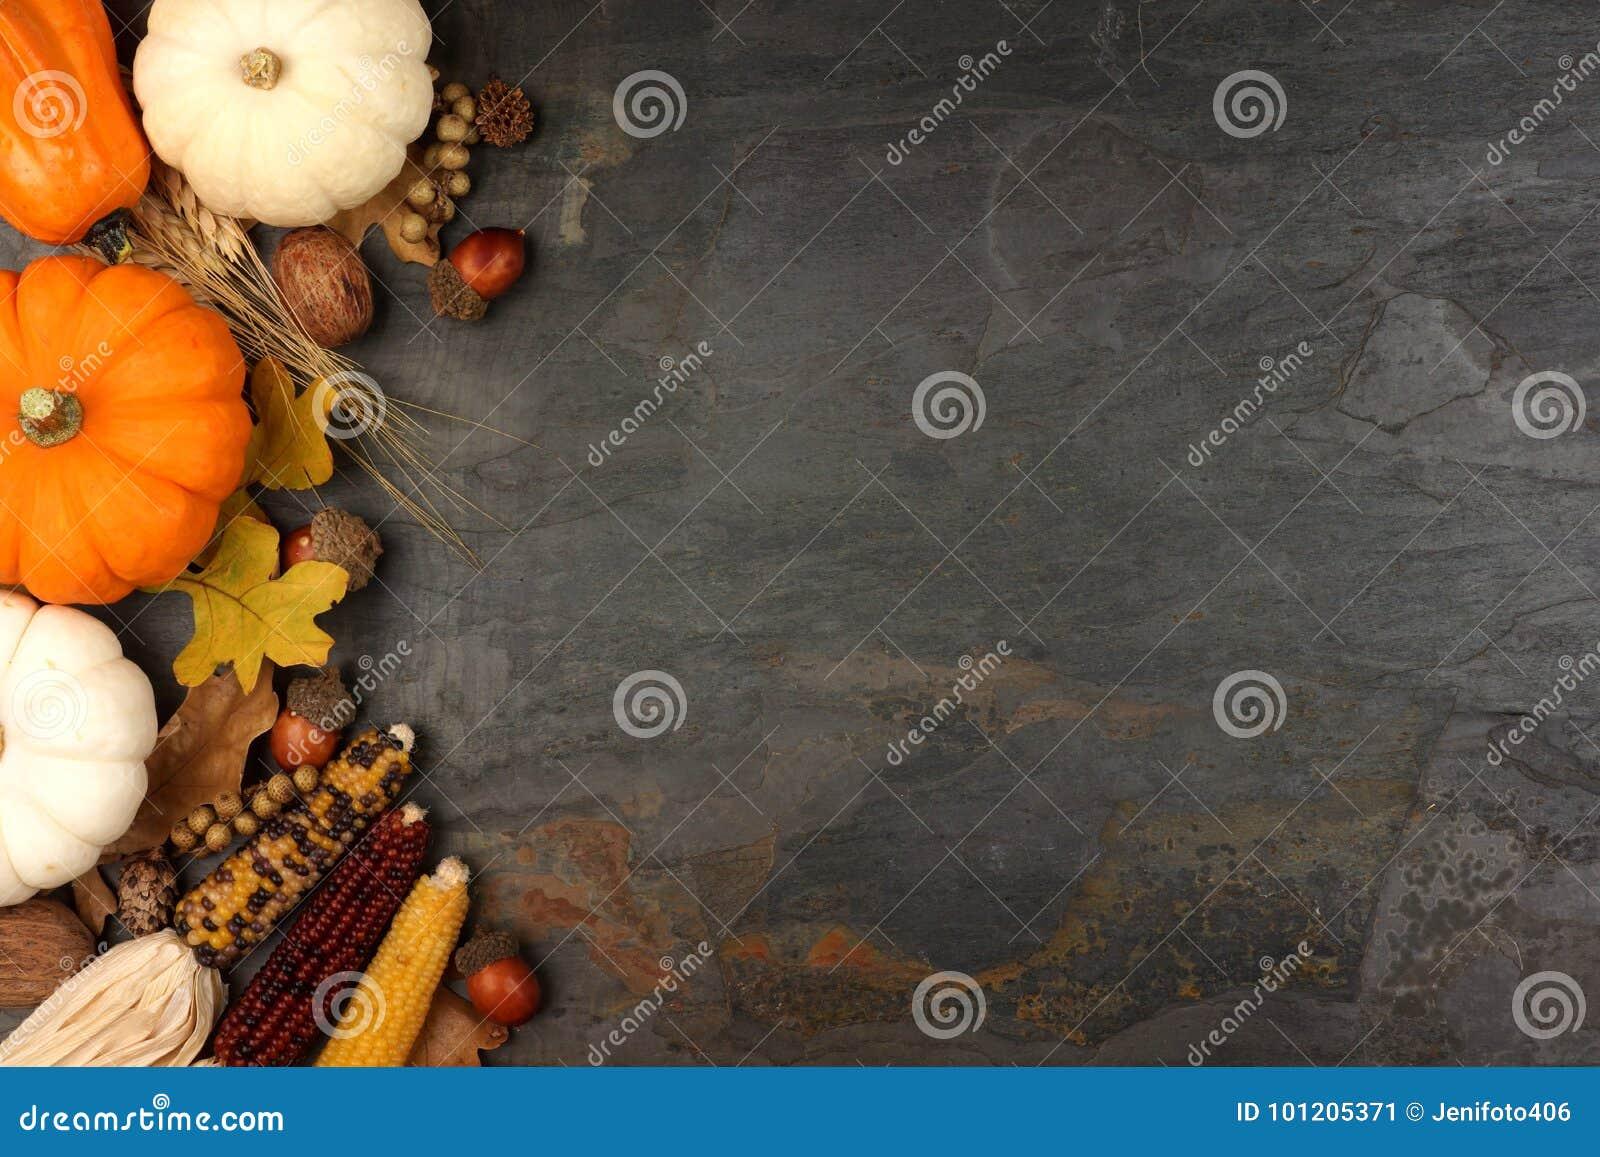 Autumn harvest side border over a slate background